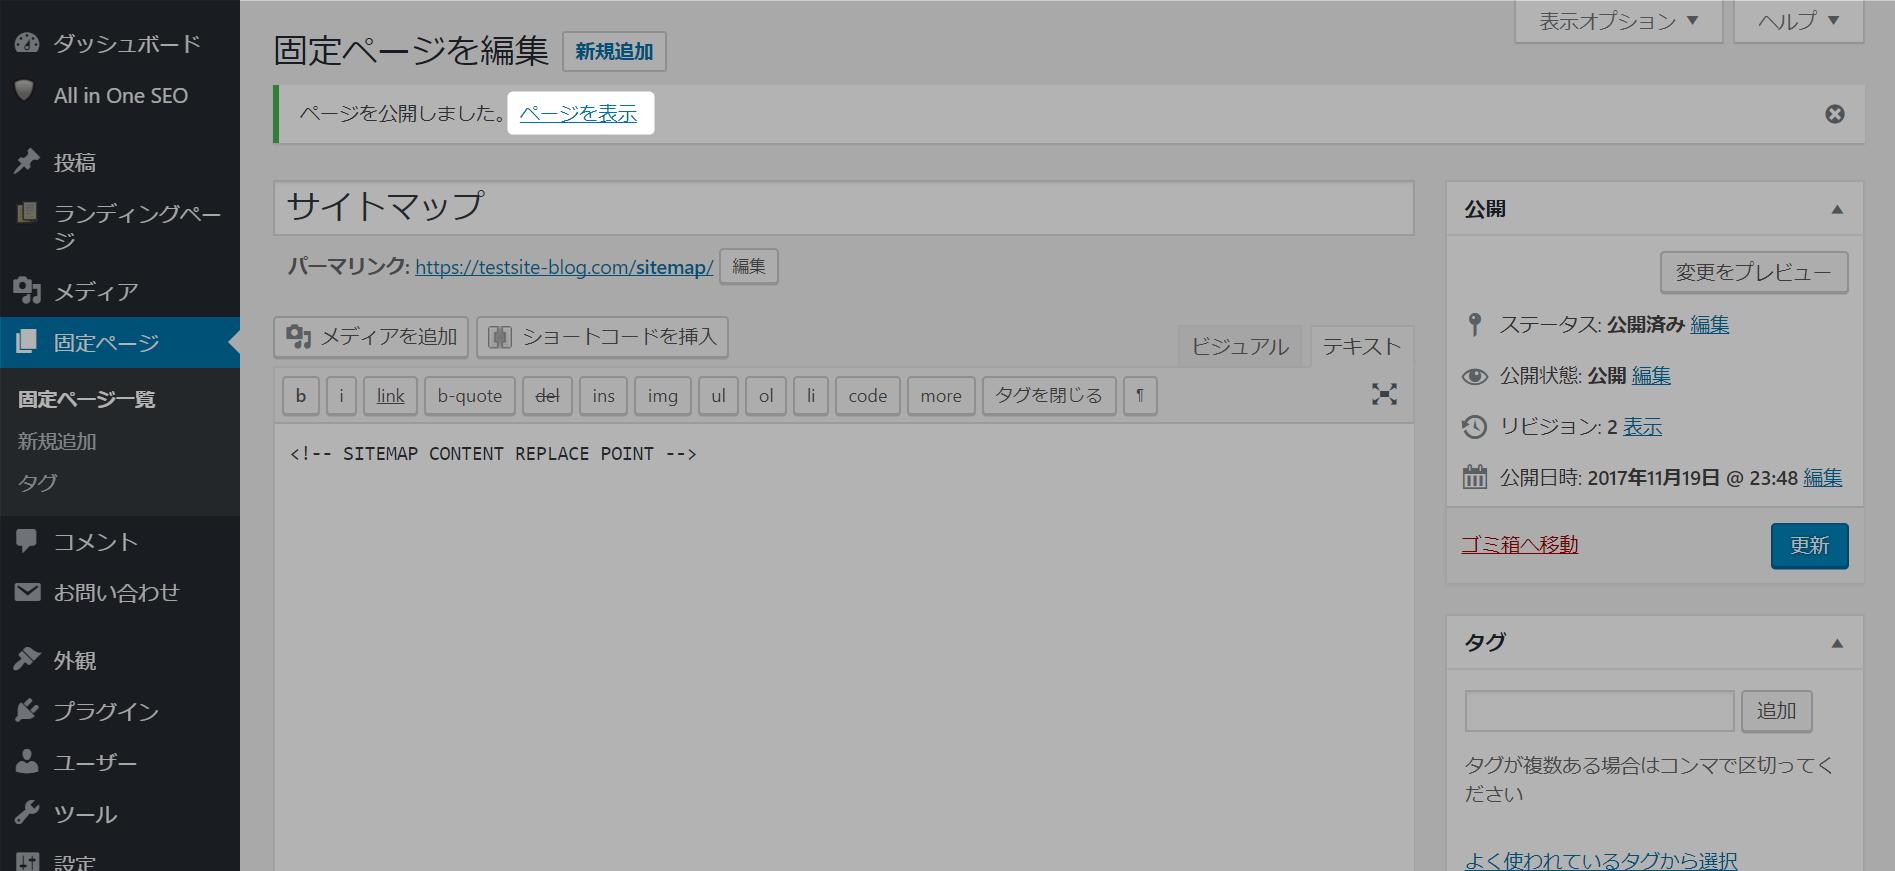 サイトマップのページを表示